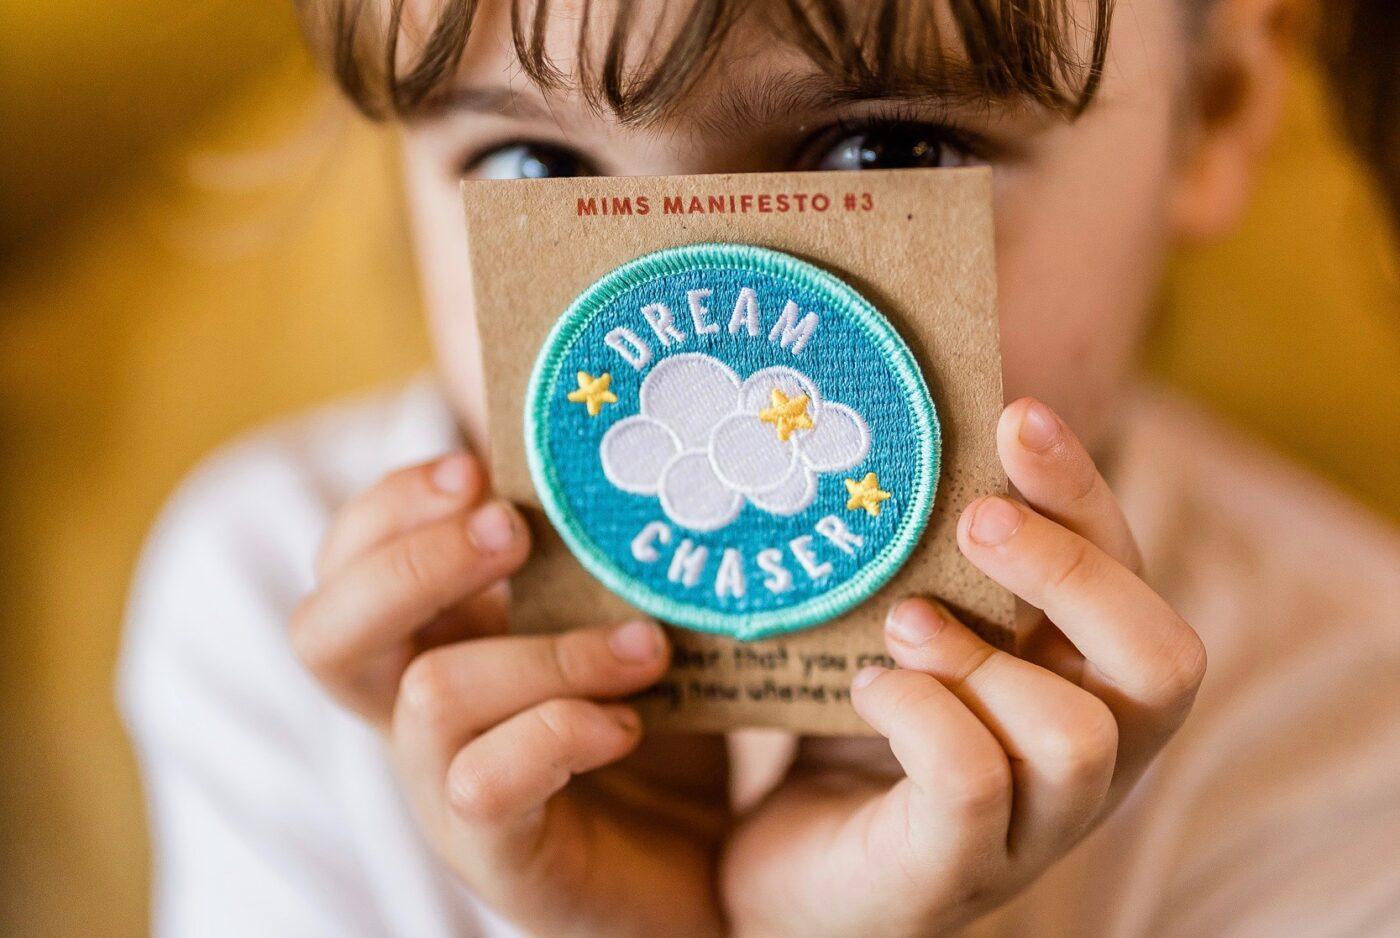 Kidpreneur Dream Chaser patch